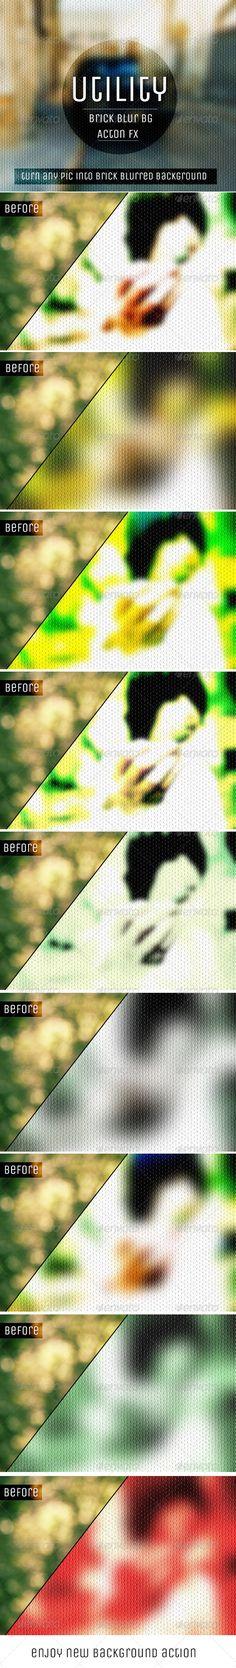 Brick Blurred Background Action FX